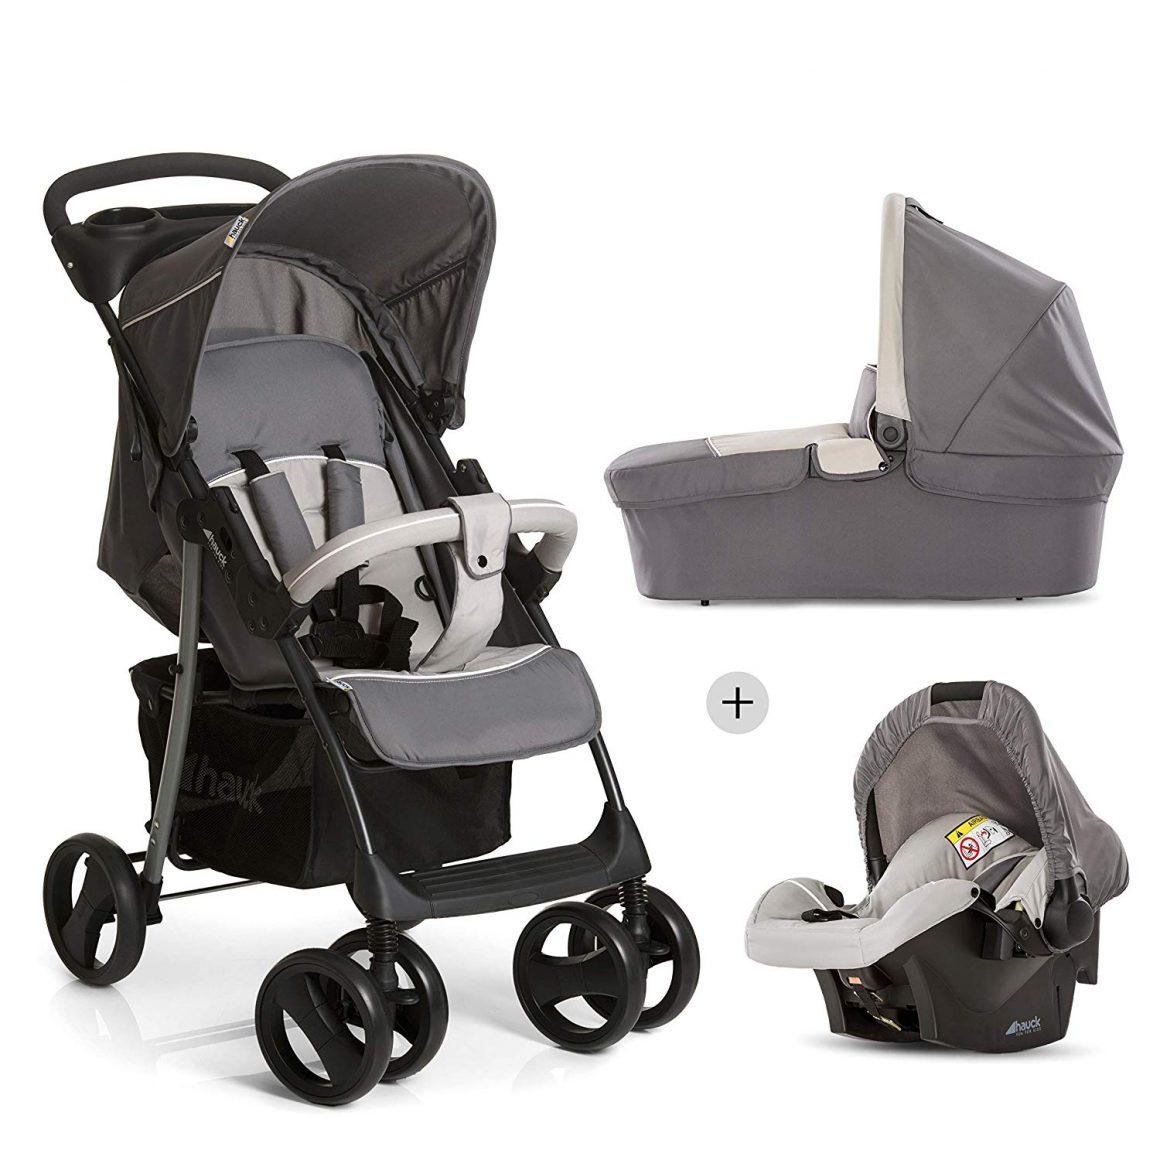 La meilleure poussette haut de gamme pour les mamans et papas de petite taille : Hauck - Shopper SLX Trio Set